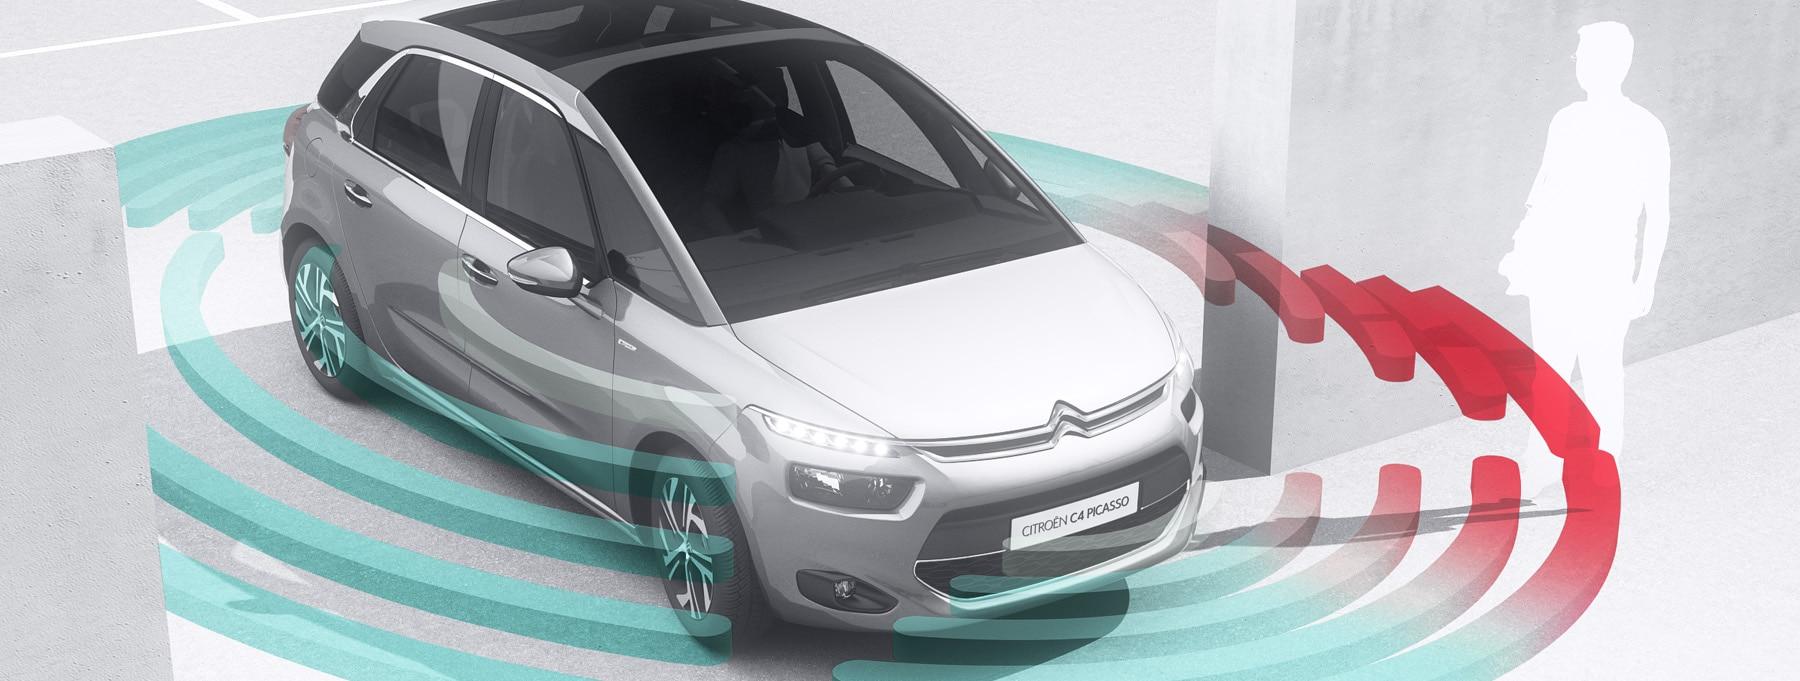 Aides à la conduite - Vision 360°